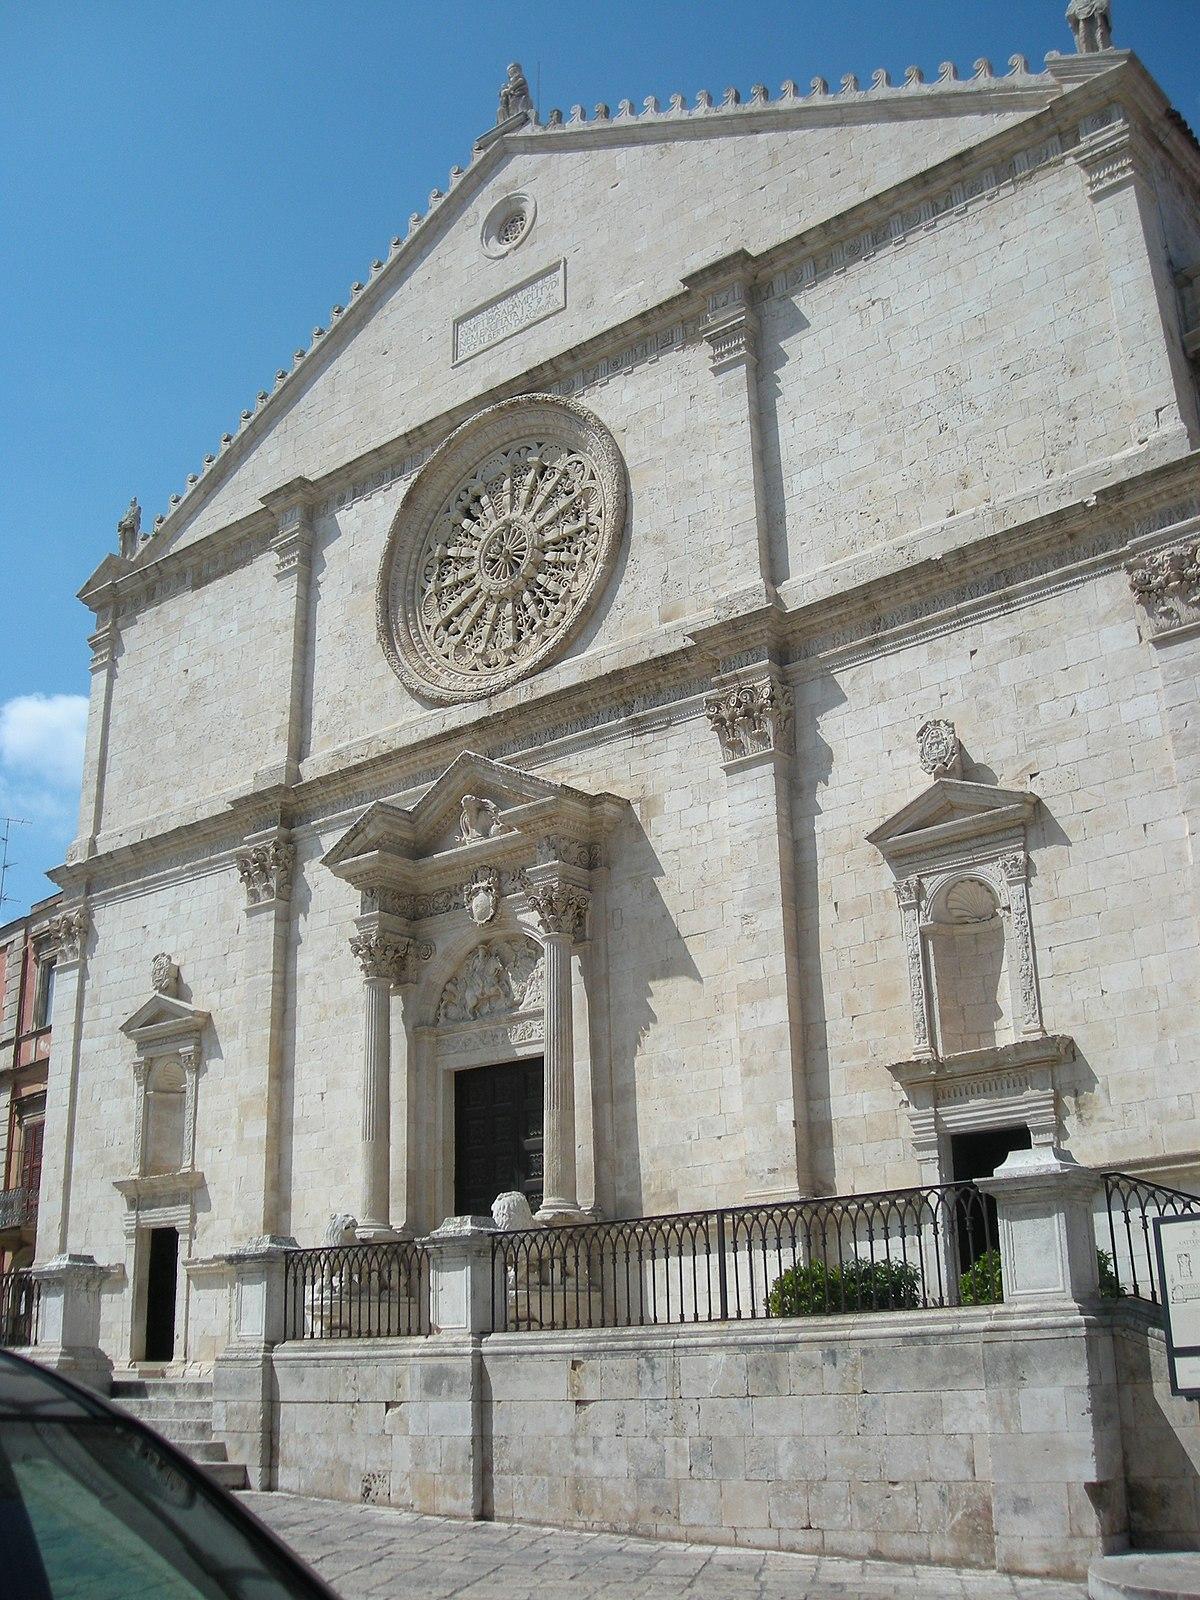 acquaviva delle fonti cathedral wikipedia